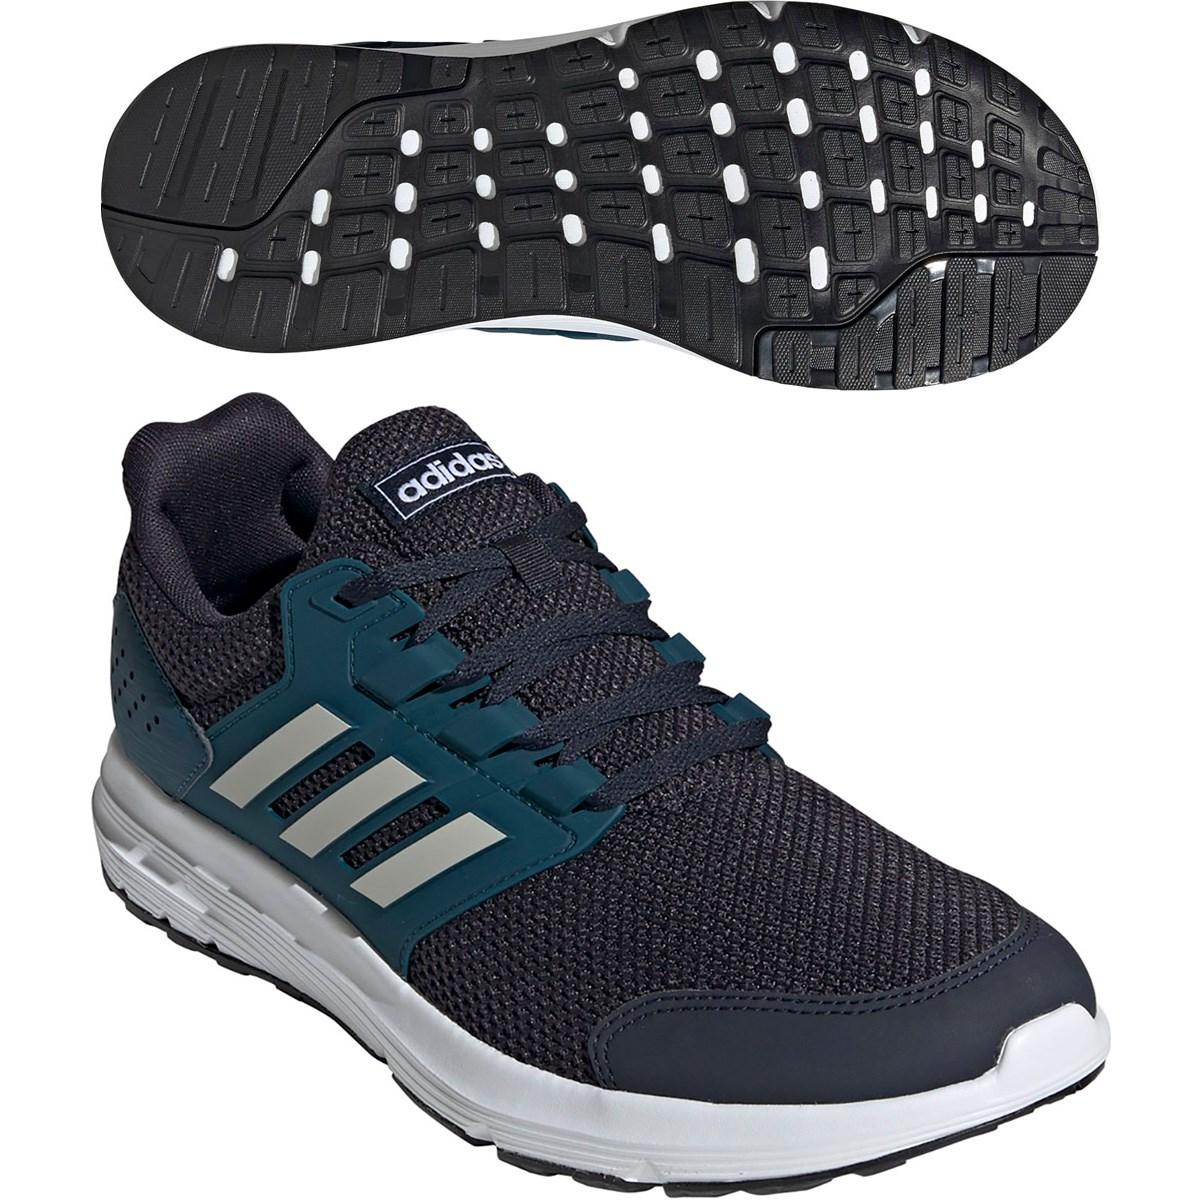 アディダス Adidas GALAXY 4 シューズ 26cm レジェンドインク/オービットグレー/テックミネラル